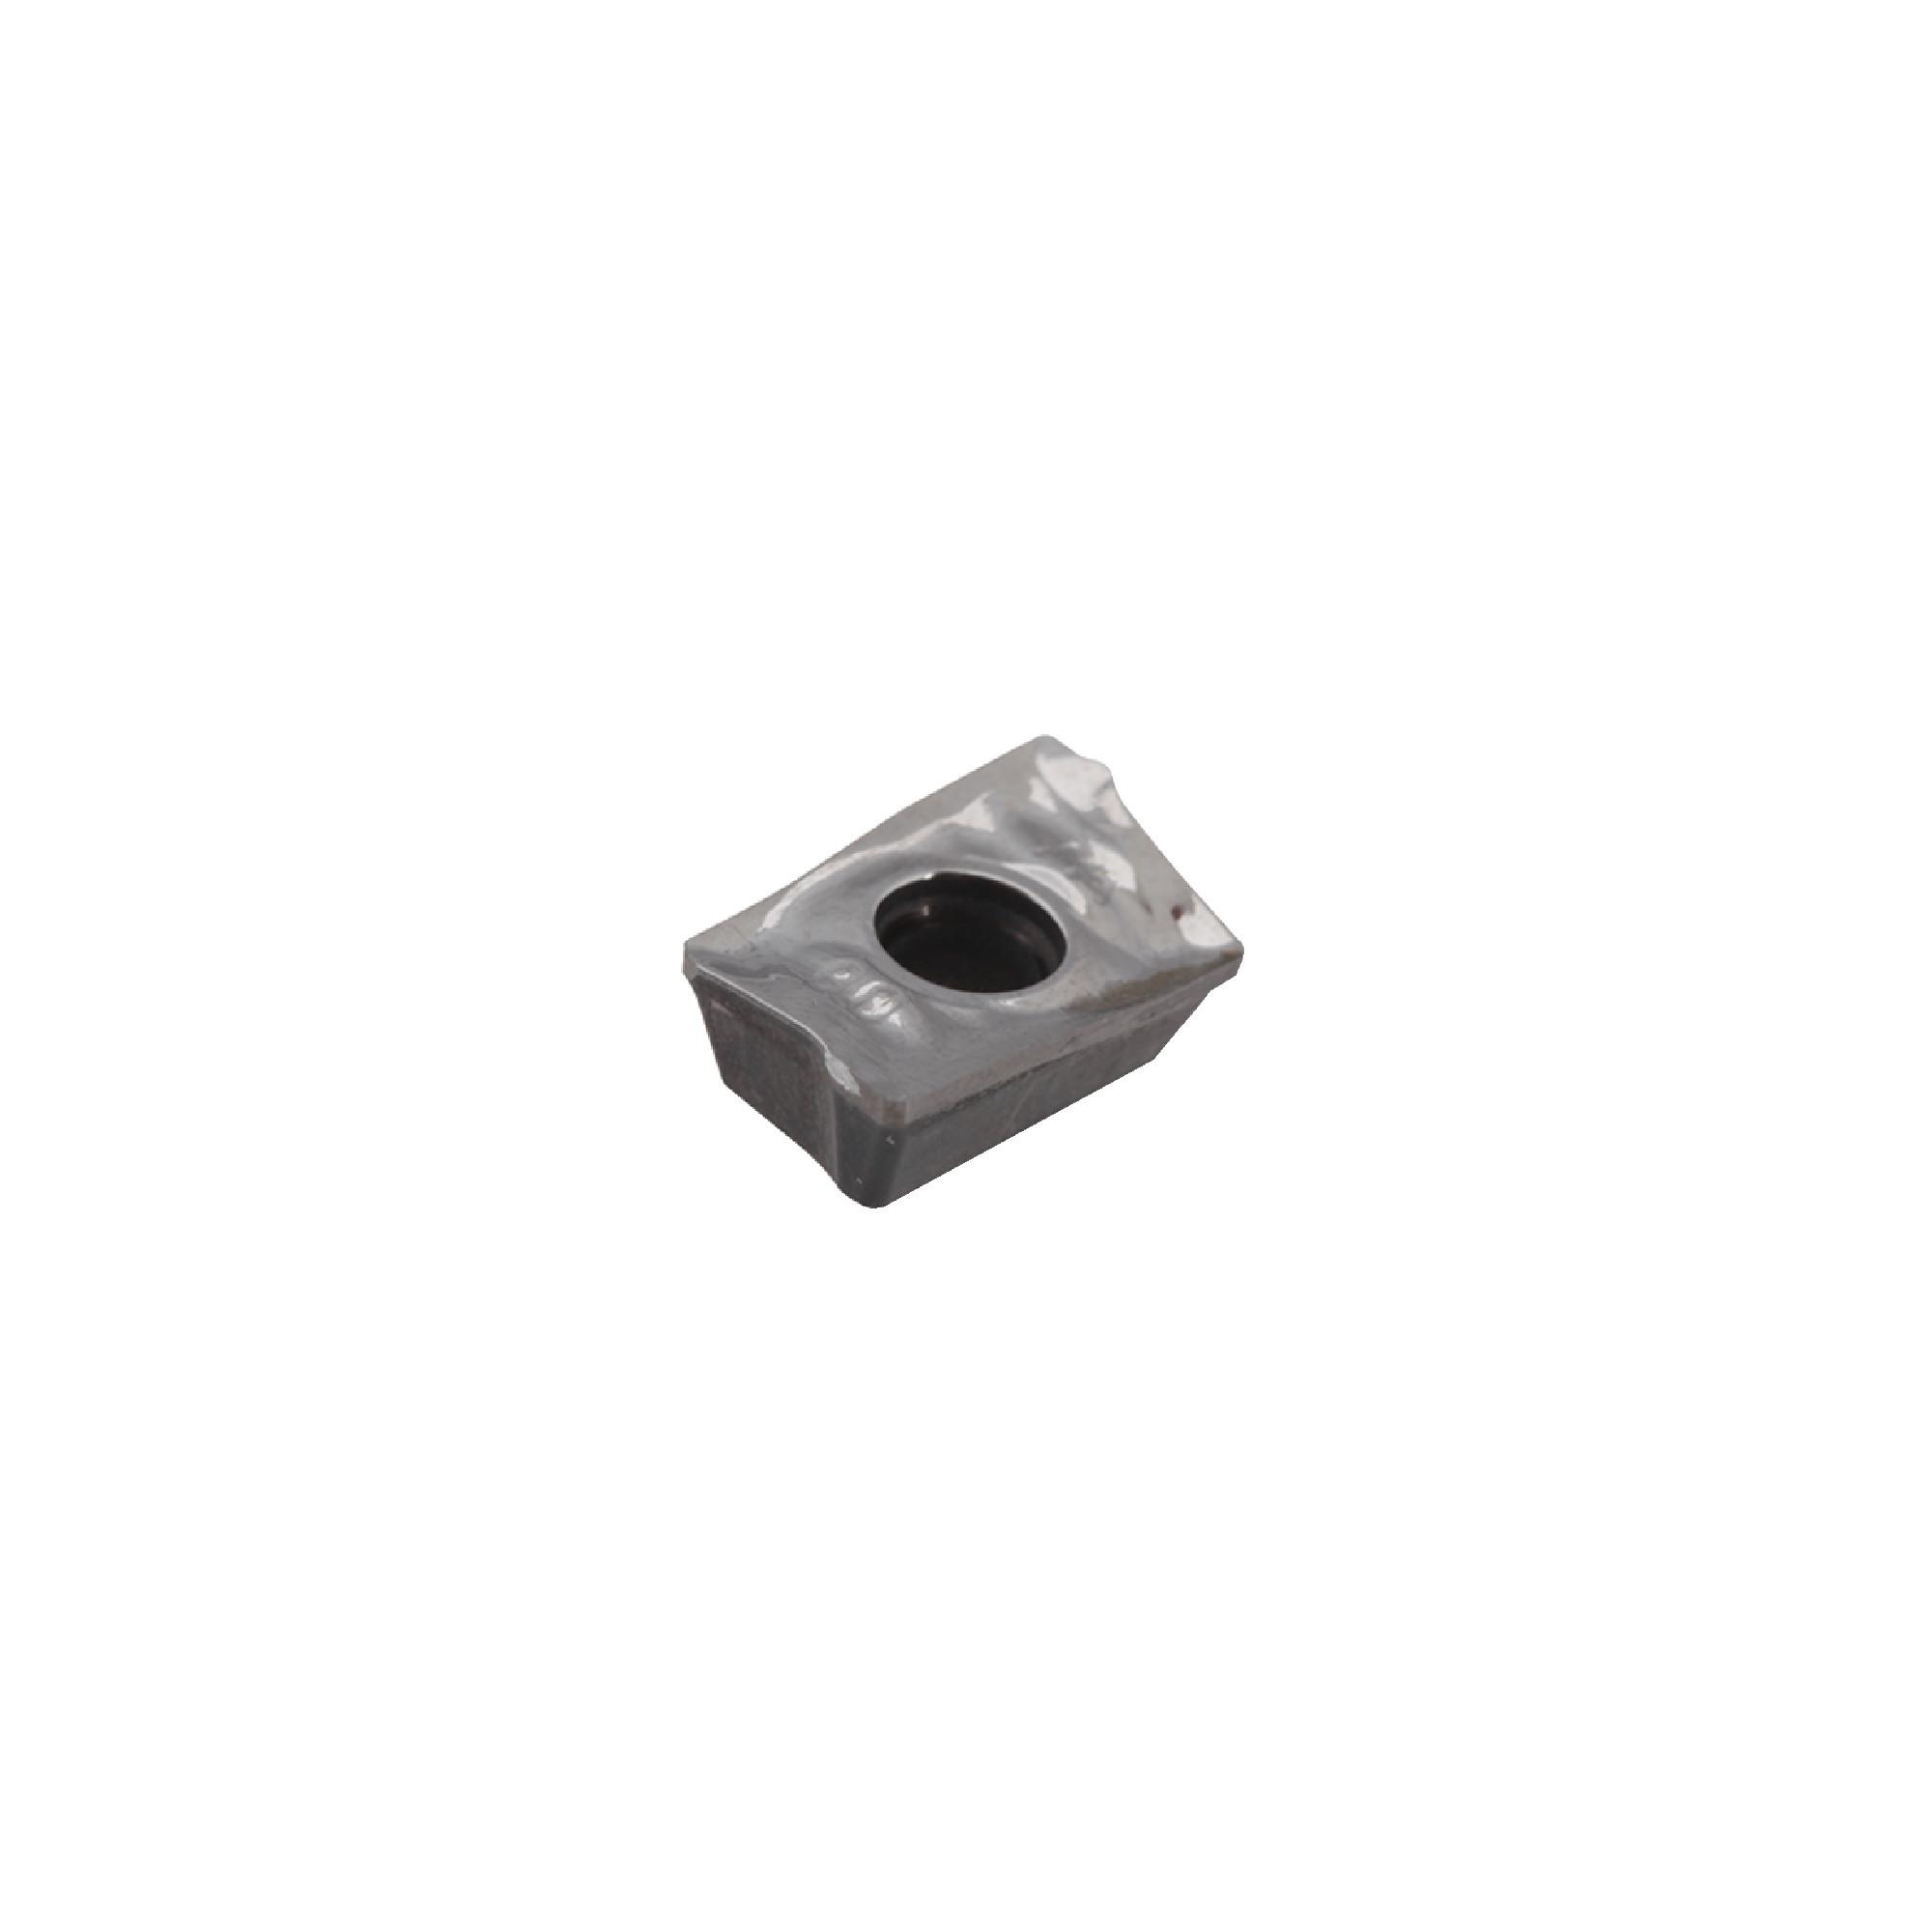 KORLOY - APMT0602PDFR-MA H01 Parallelogram / INDEXABLE Carbide MILLING INSERT